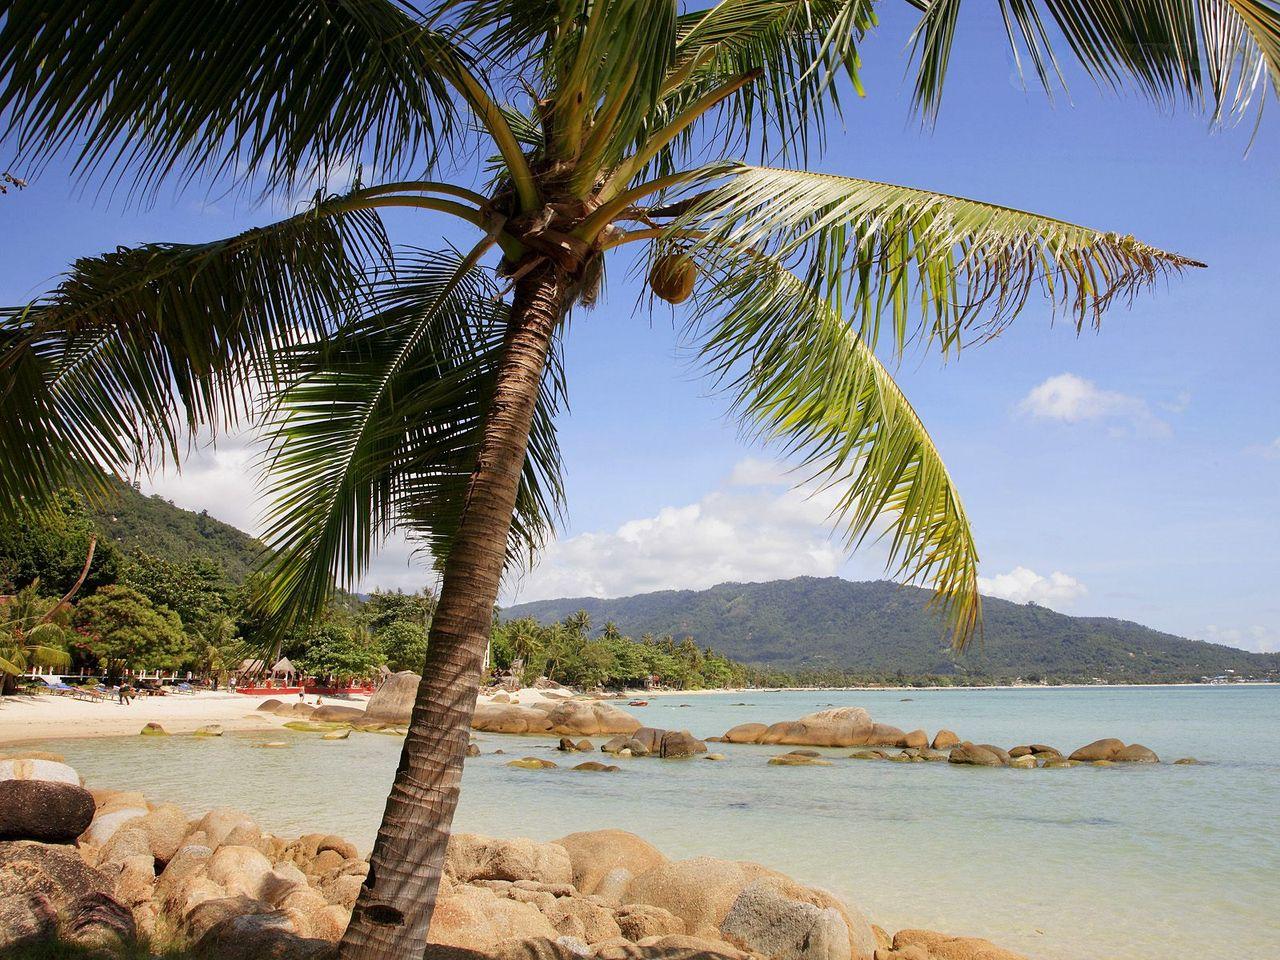 Big hat lamai beach  ko samui  thailand1